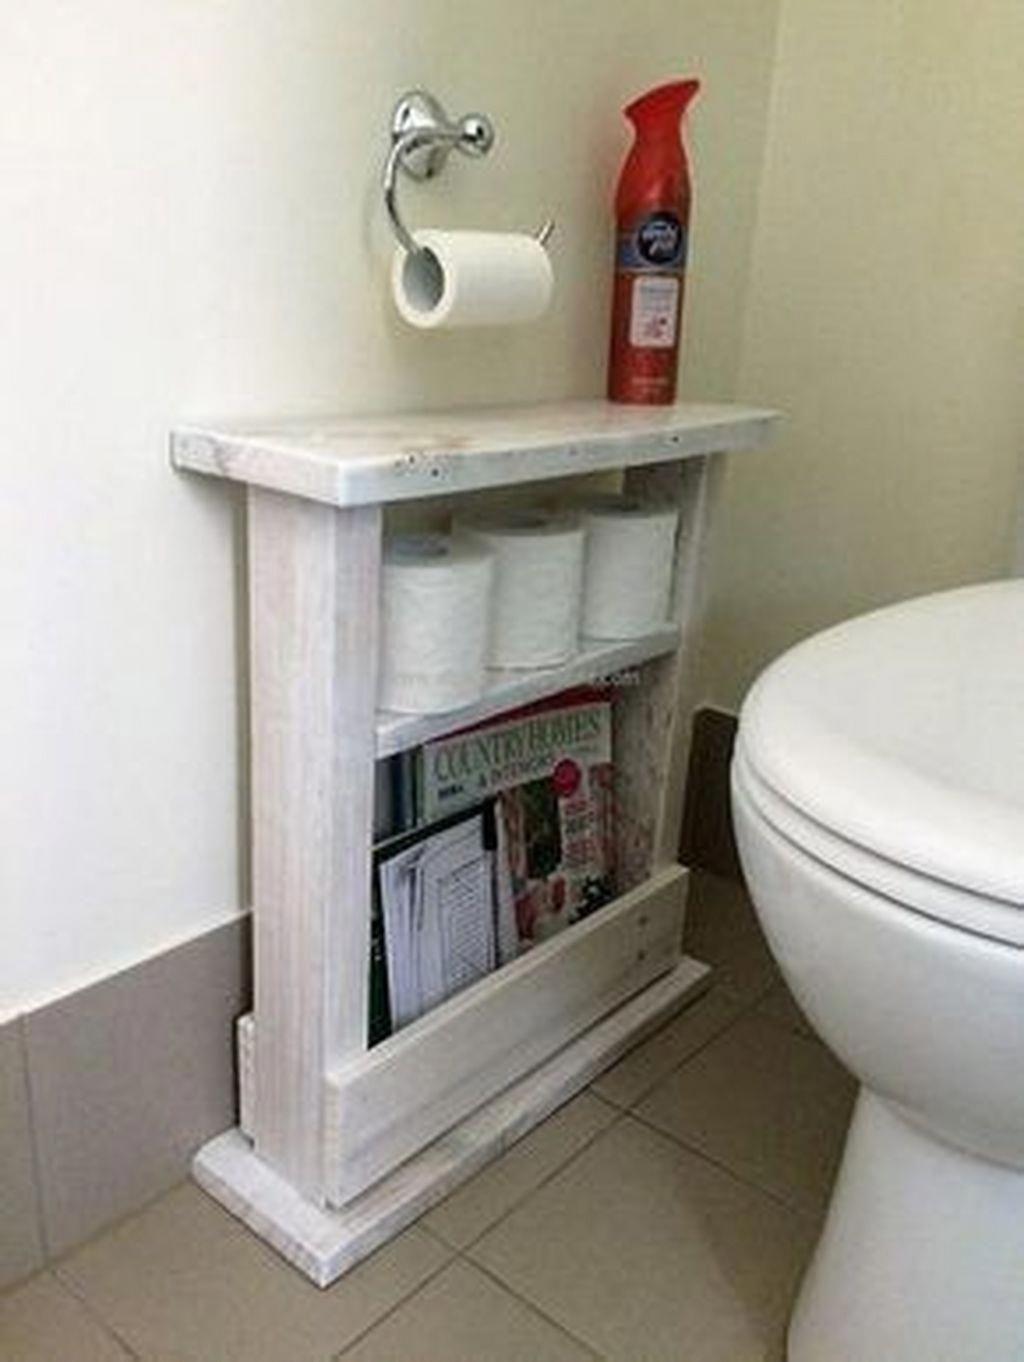 Office Bathroom Decor Ideas: 35 Impressive Office Bathroom Décor Ideas